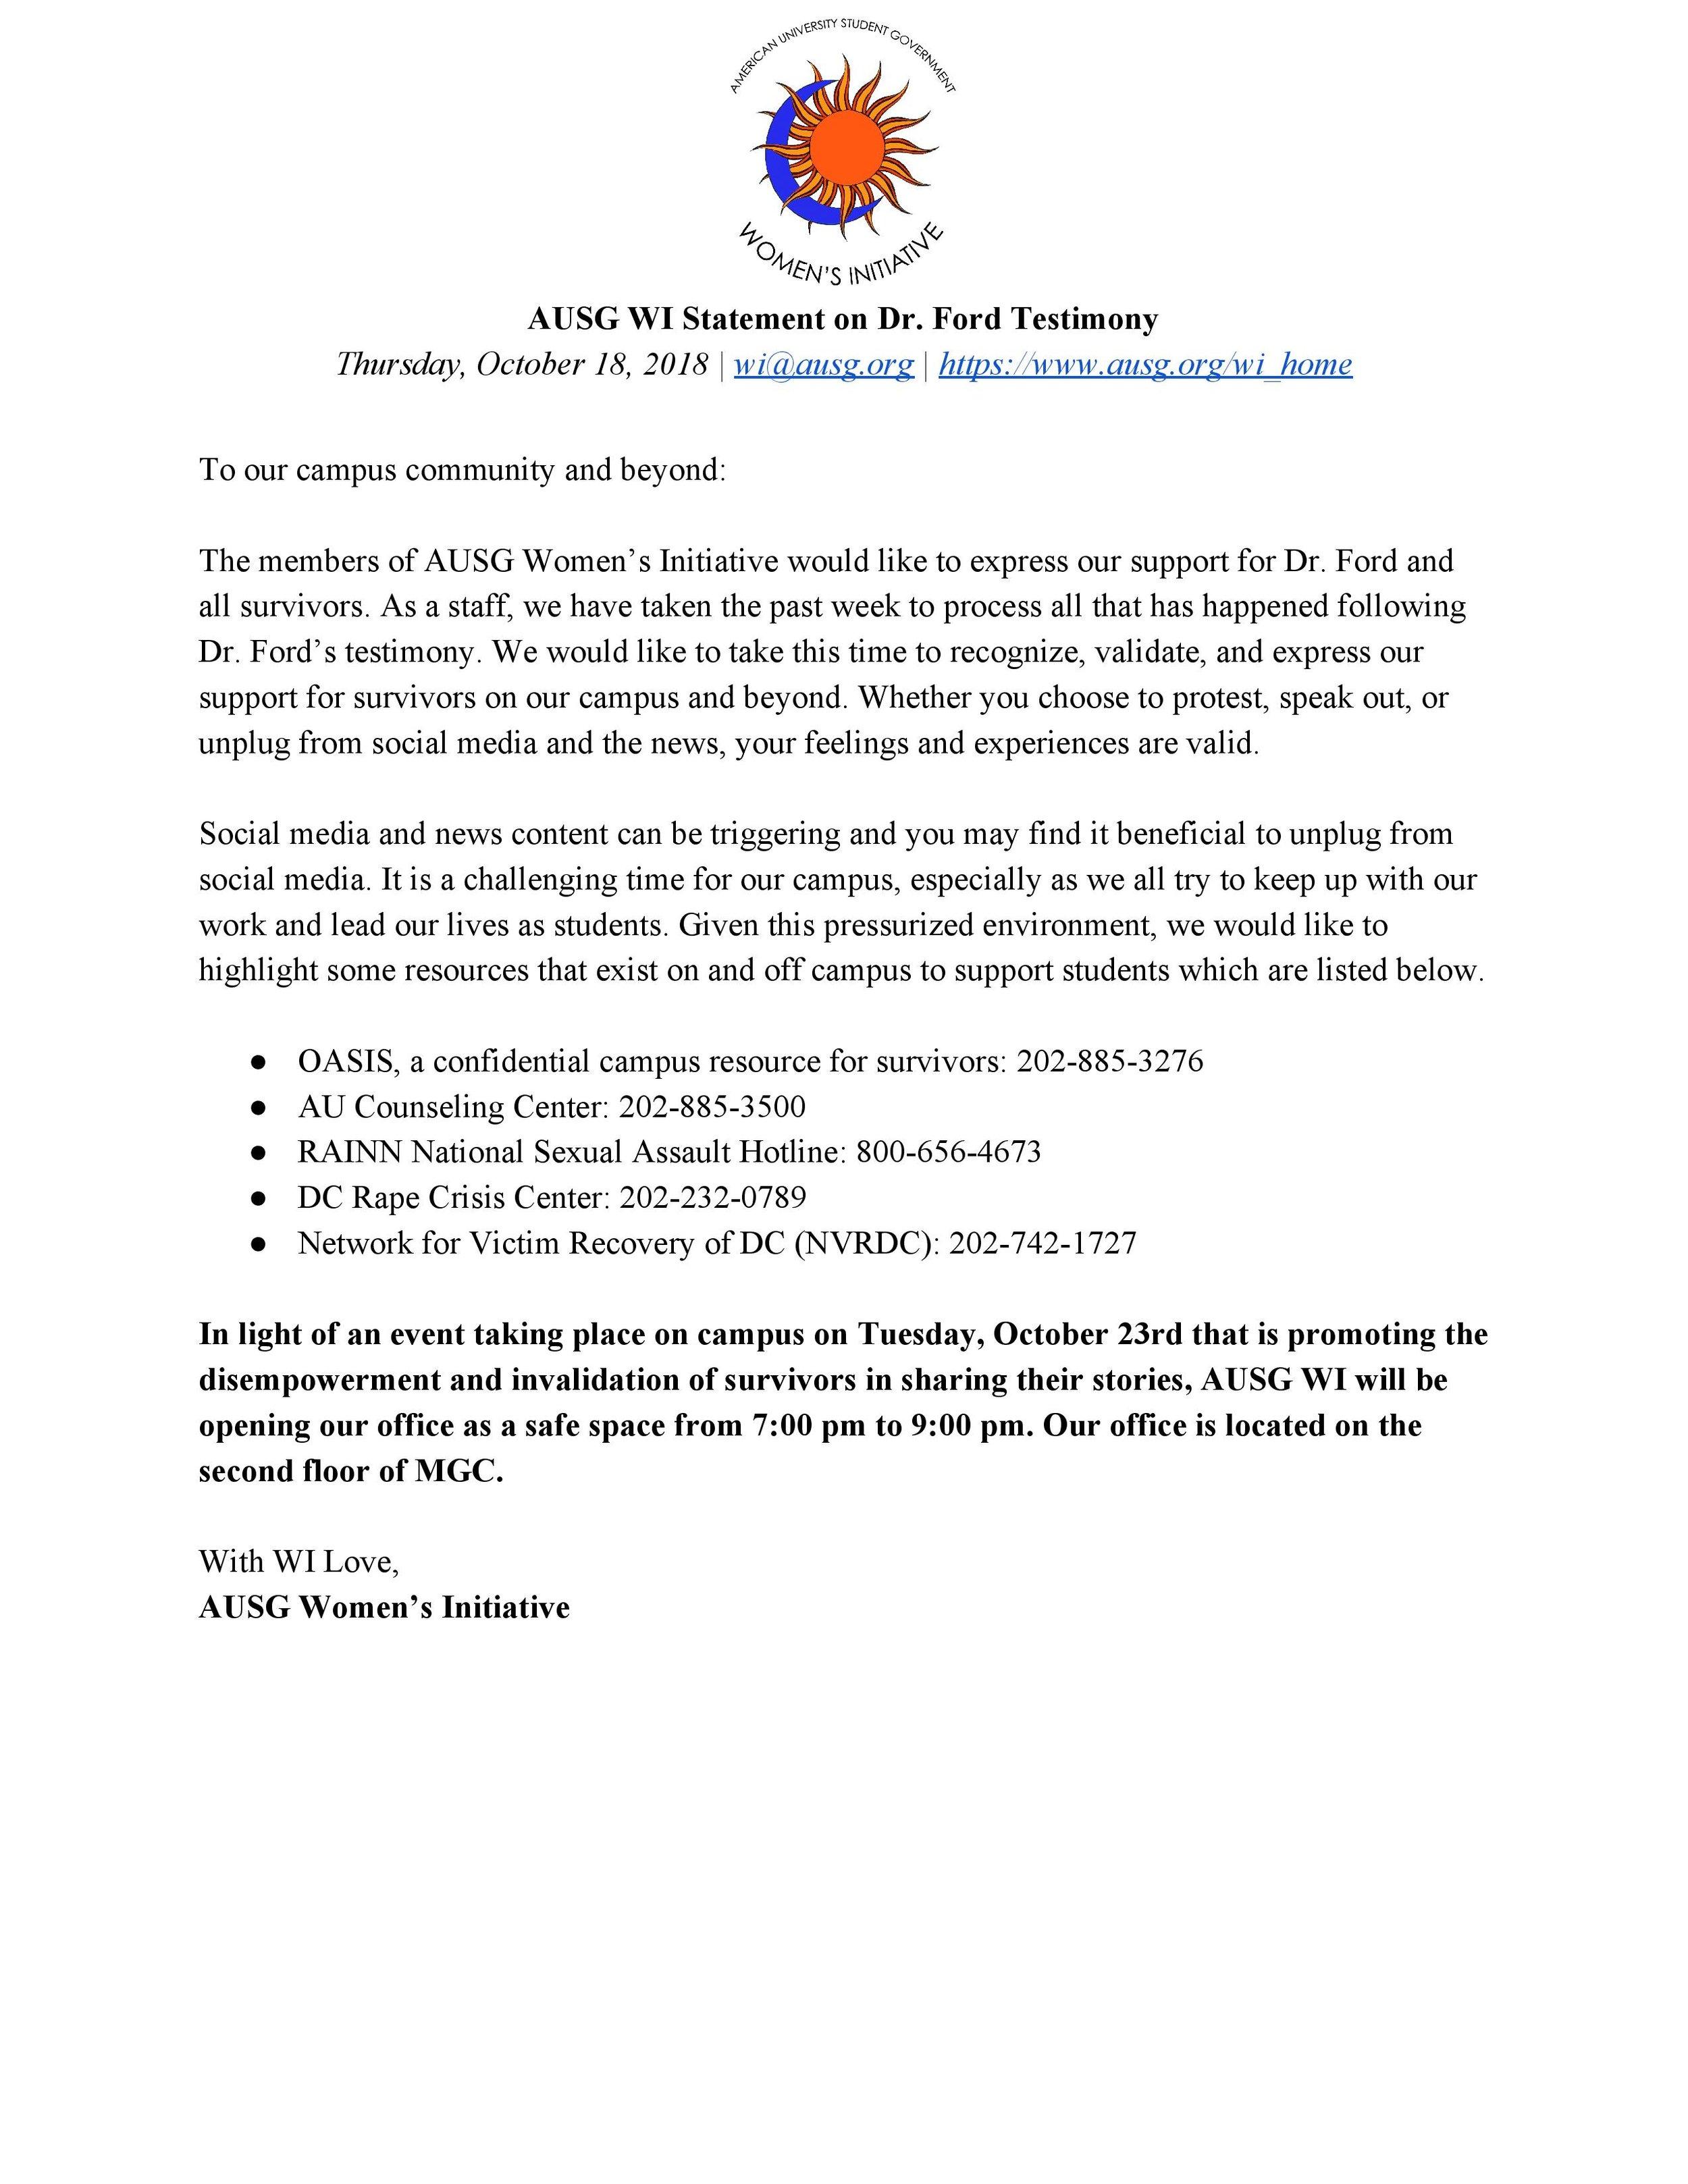 AUSG WI Statement 10 2F18-page-001.jpg